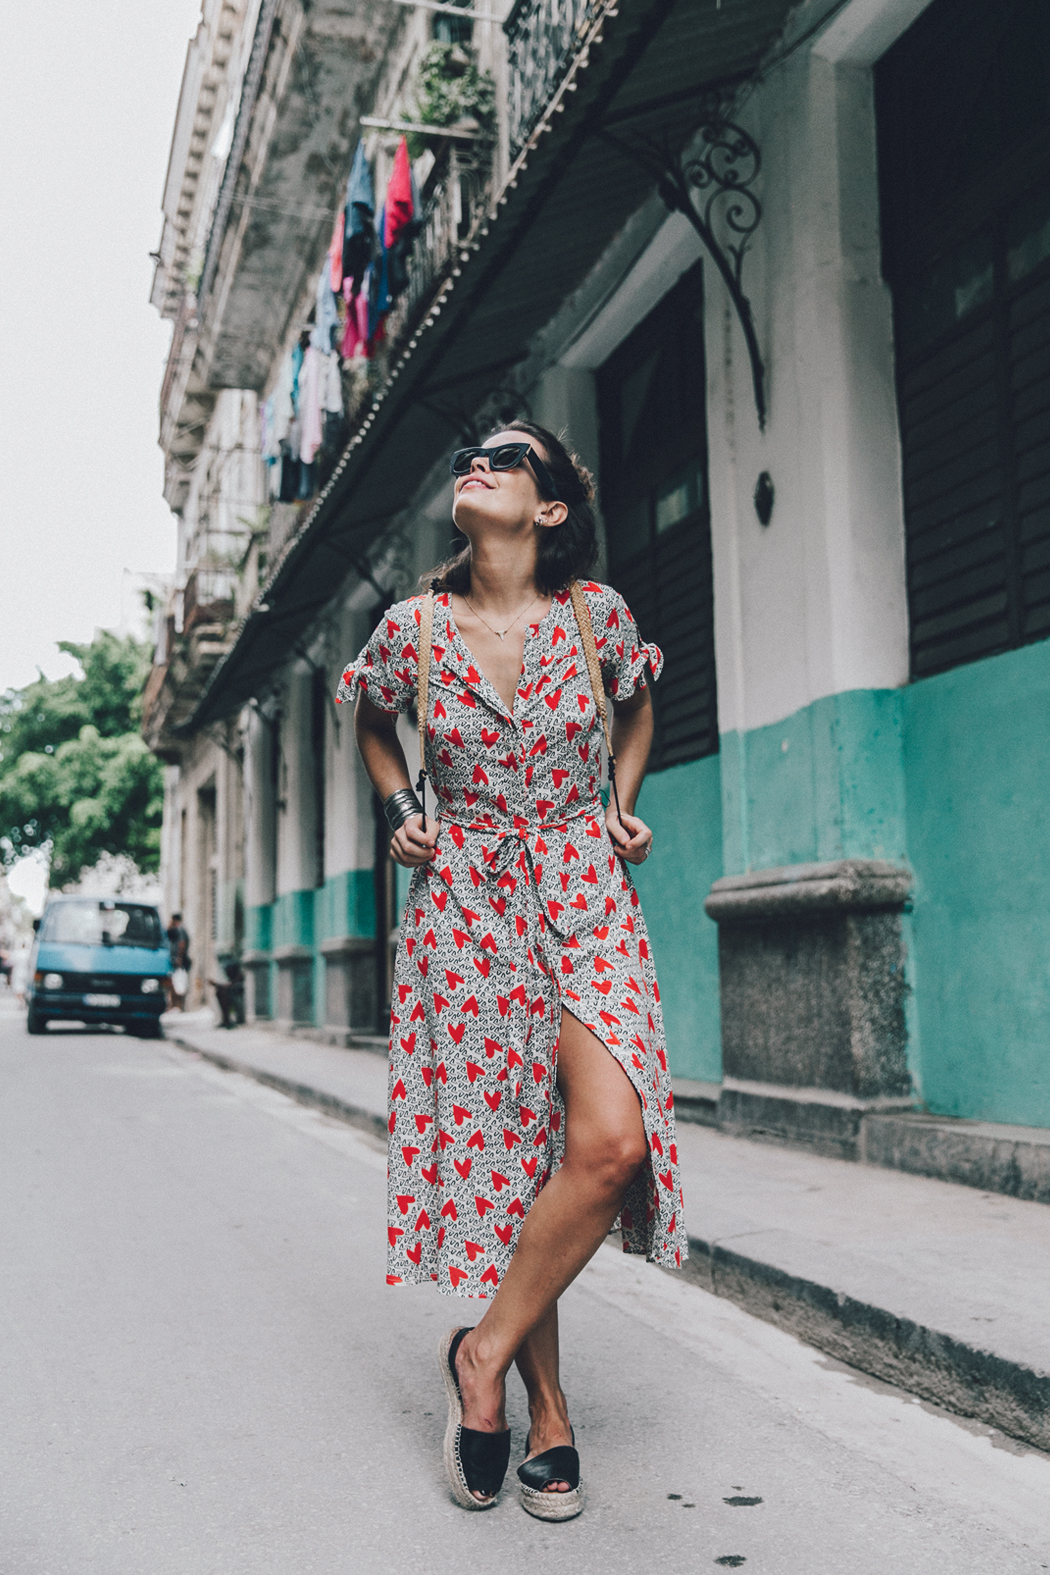 Cuba-La_Habana_Vieja-Hearts_Dress-Styled_By_Me-Aloha_Espadrilles-Outfit-Street_Style-Dress-Backpack-14